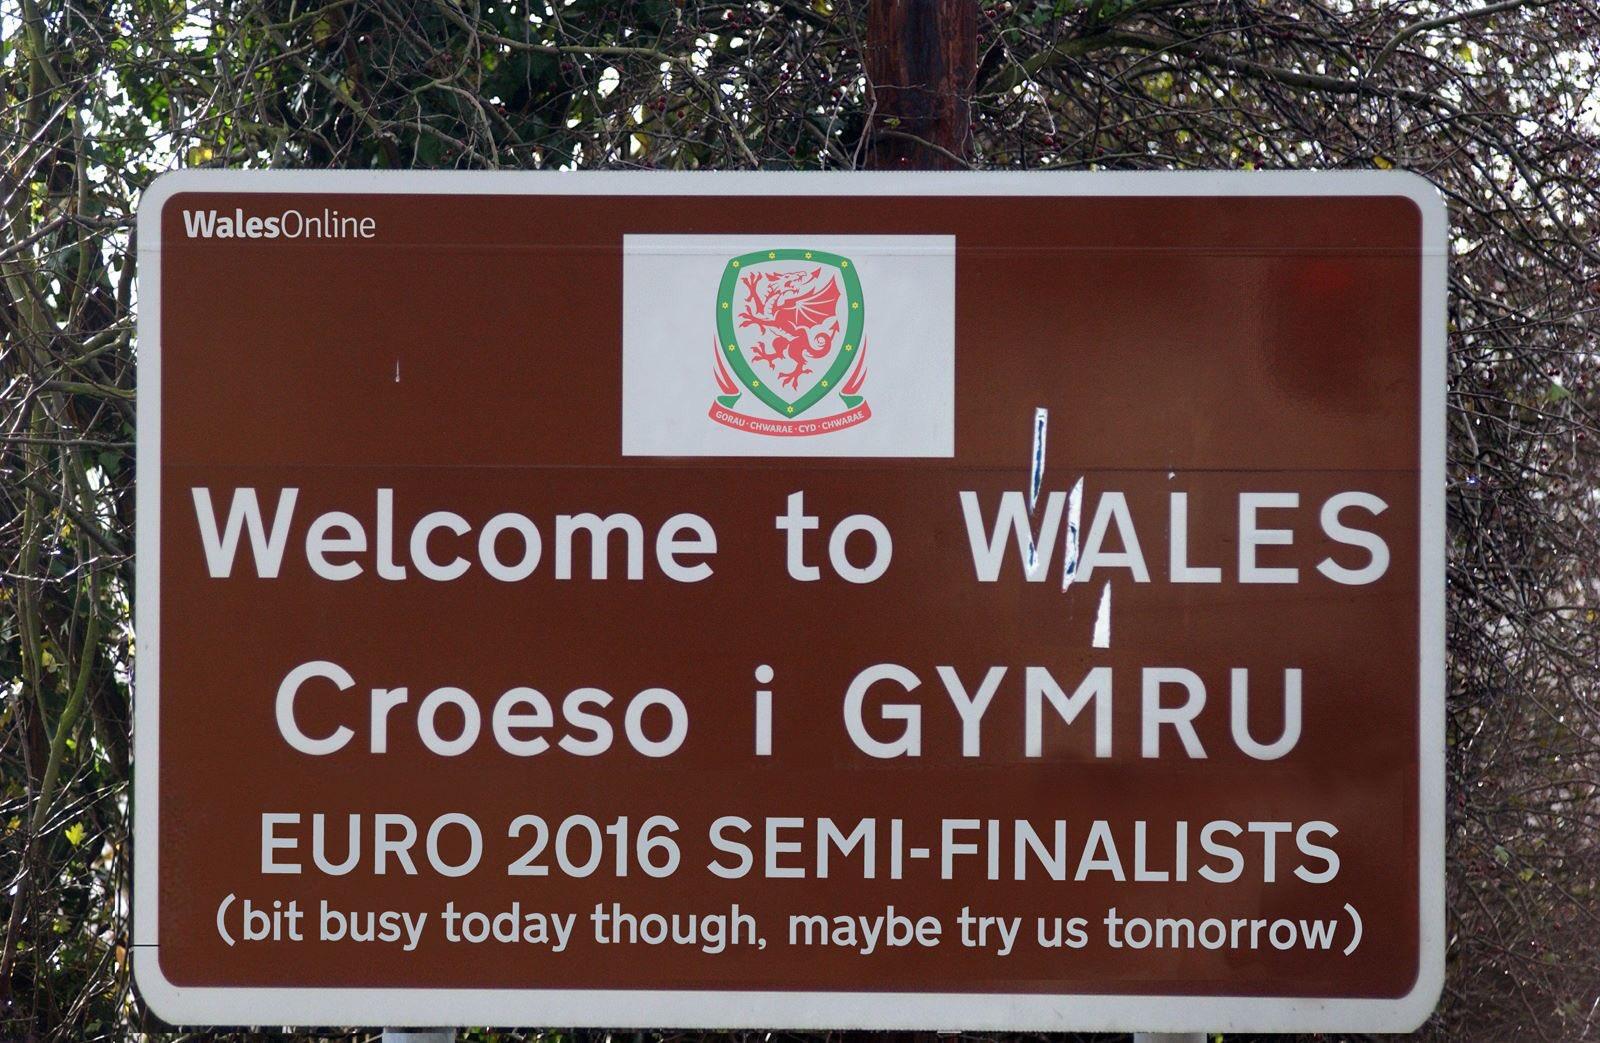 Португалия - Уэльс. Как это было - изображение 33